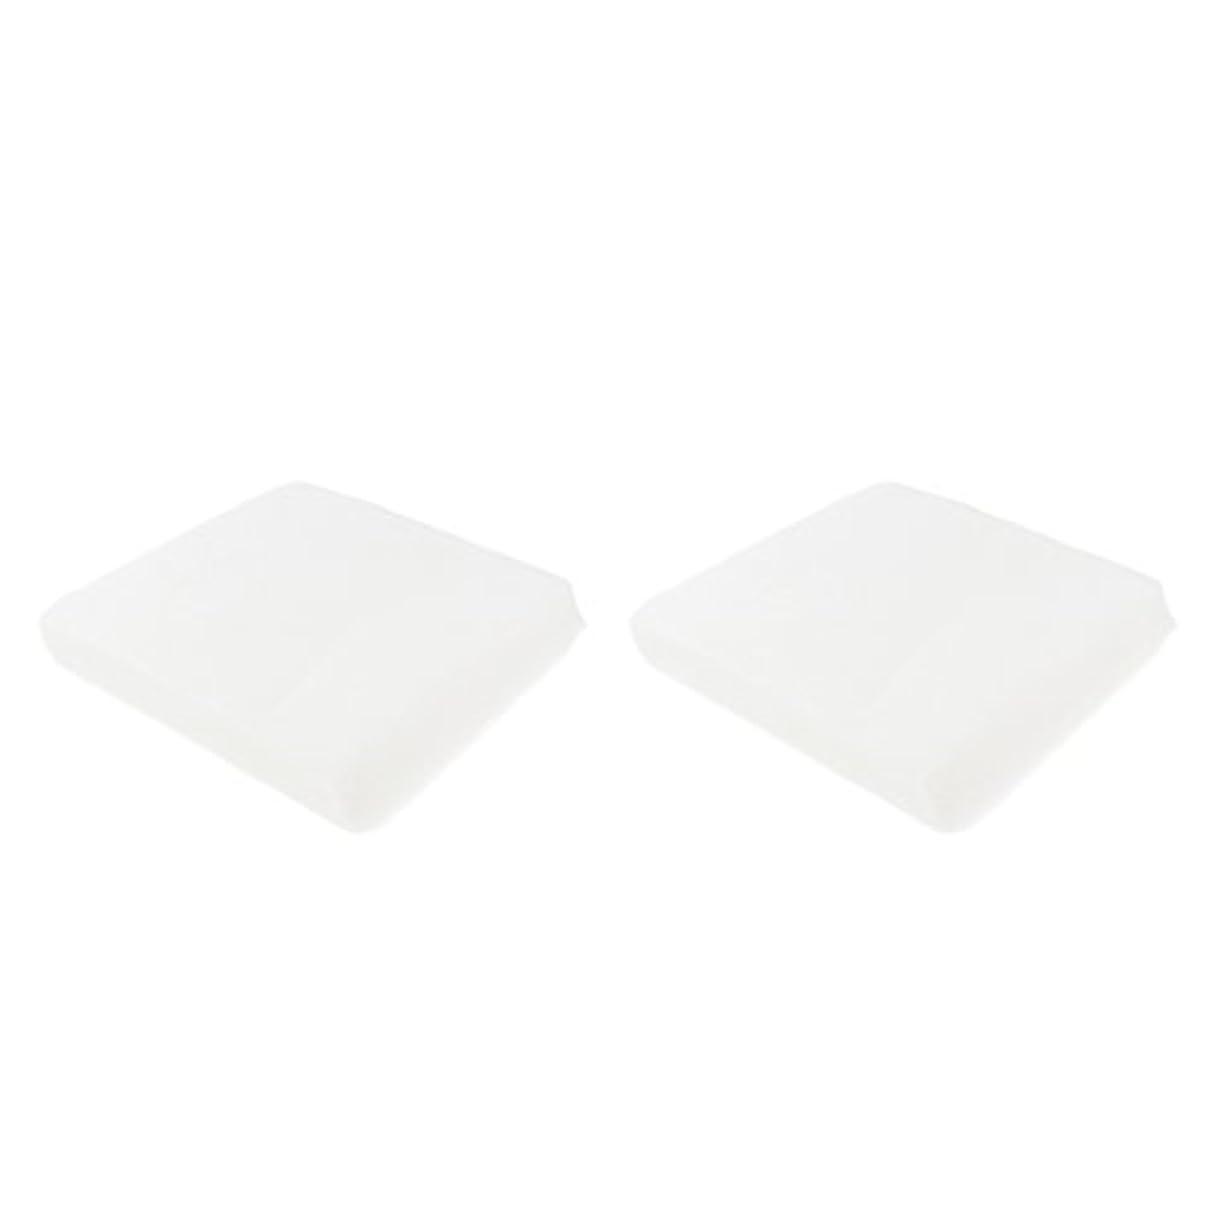 引退する用心する柔らかいクレンジングシート メイク落とし 使い捨て 洗顔シート 不織布 顔クレンジング 2サイズ - 1#